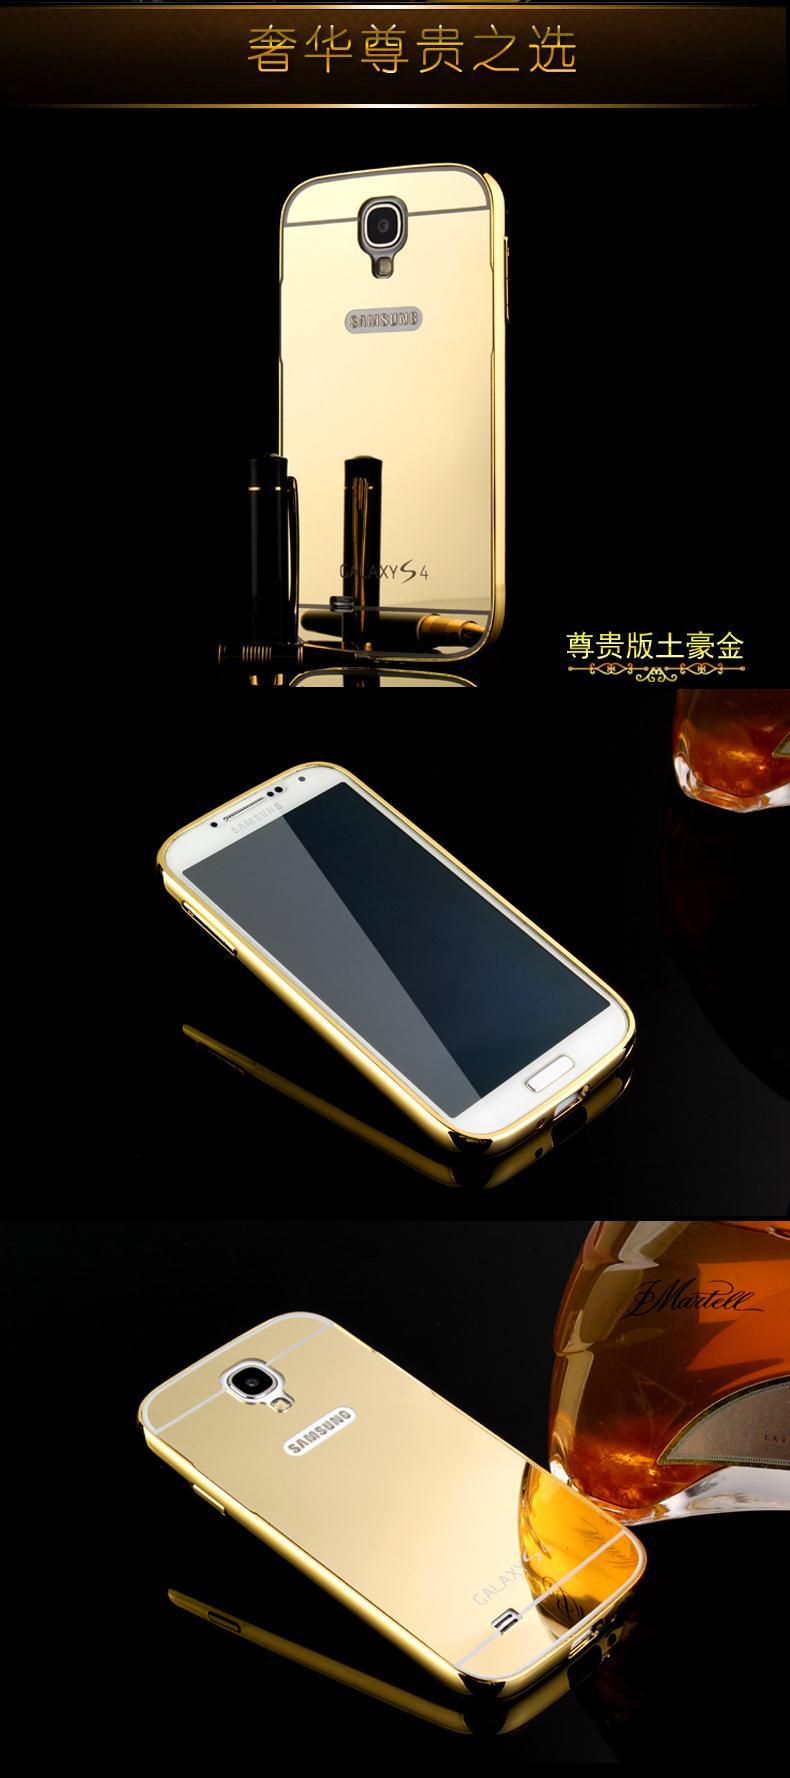 מראה אלומיניום מקרה טלפון סלים אקריליק חזרה כיסוי עבור Samsung Galaxy S4 אנטי-טוק יוקרה מסגרת מתכת Ultra עבור אנדרואיד סמסונג I9500